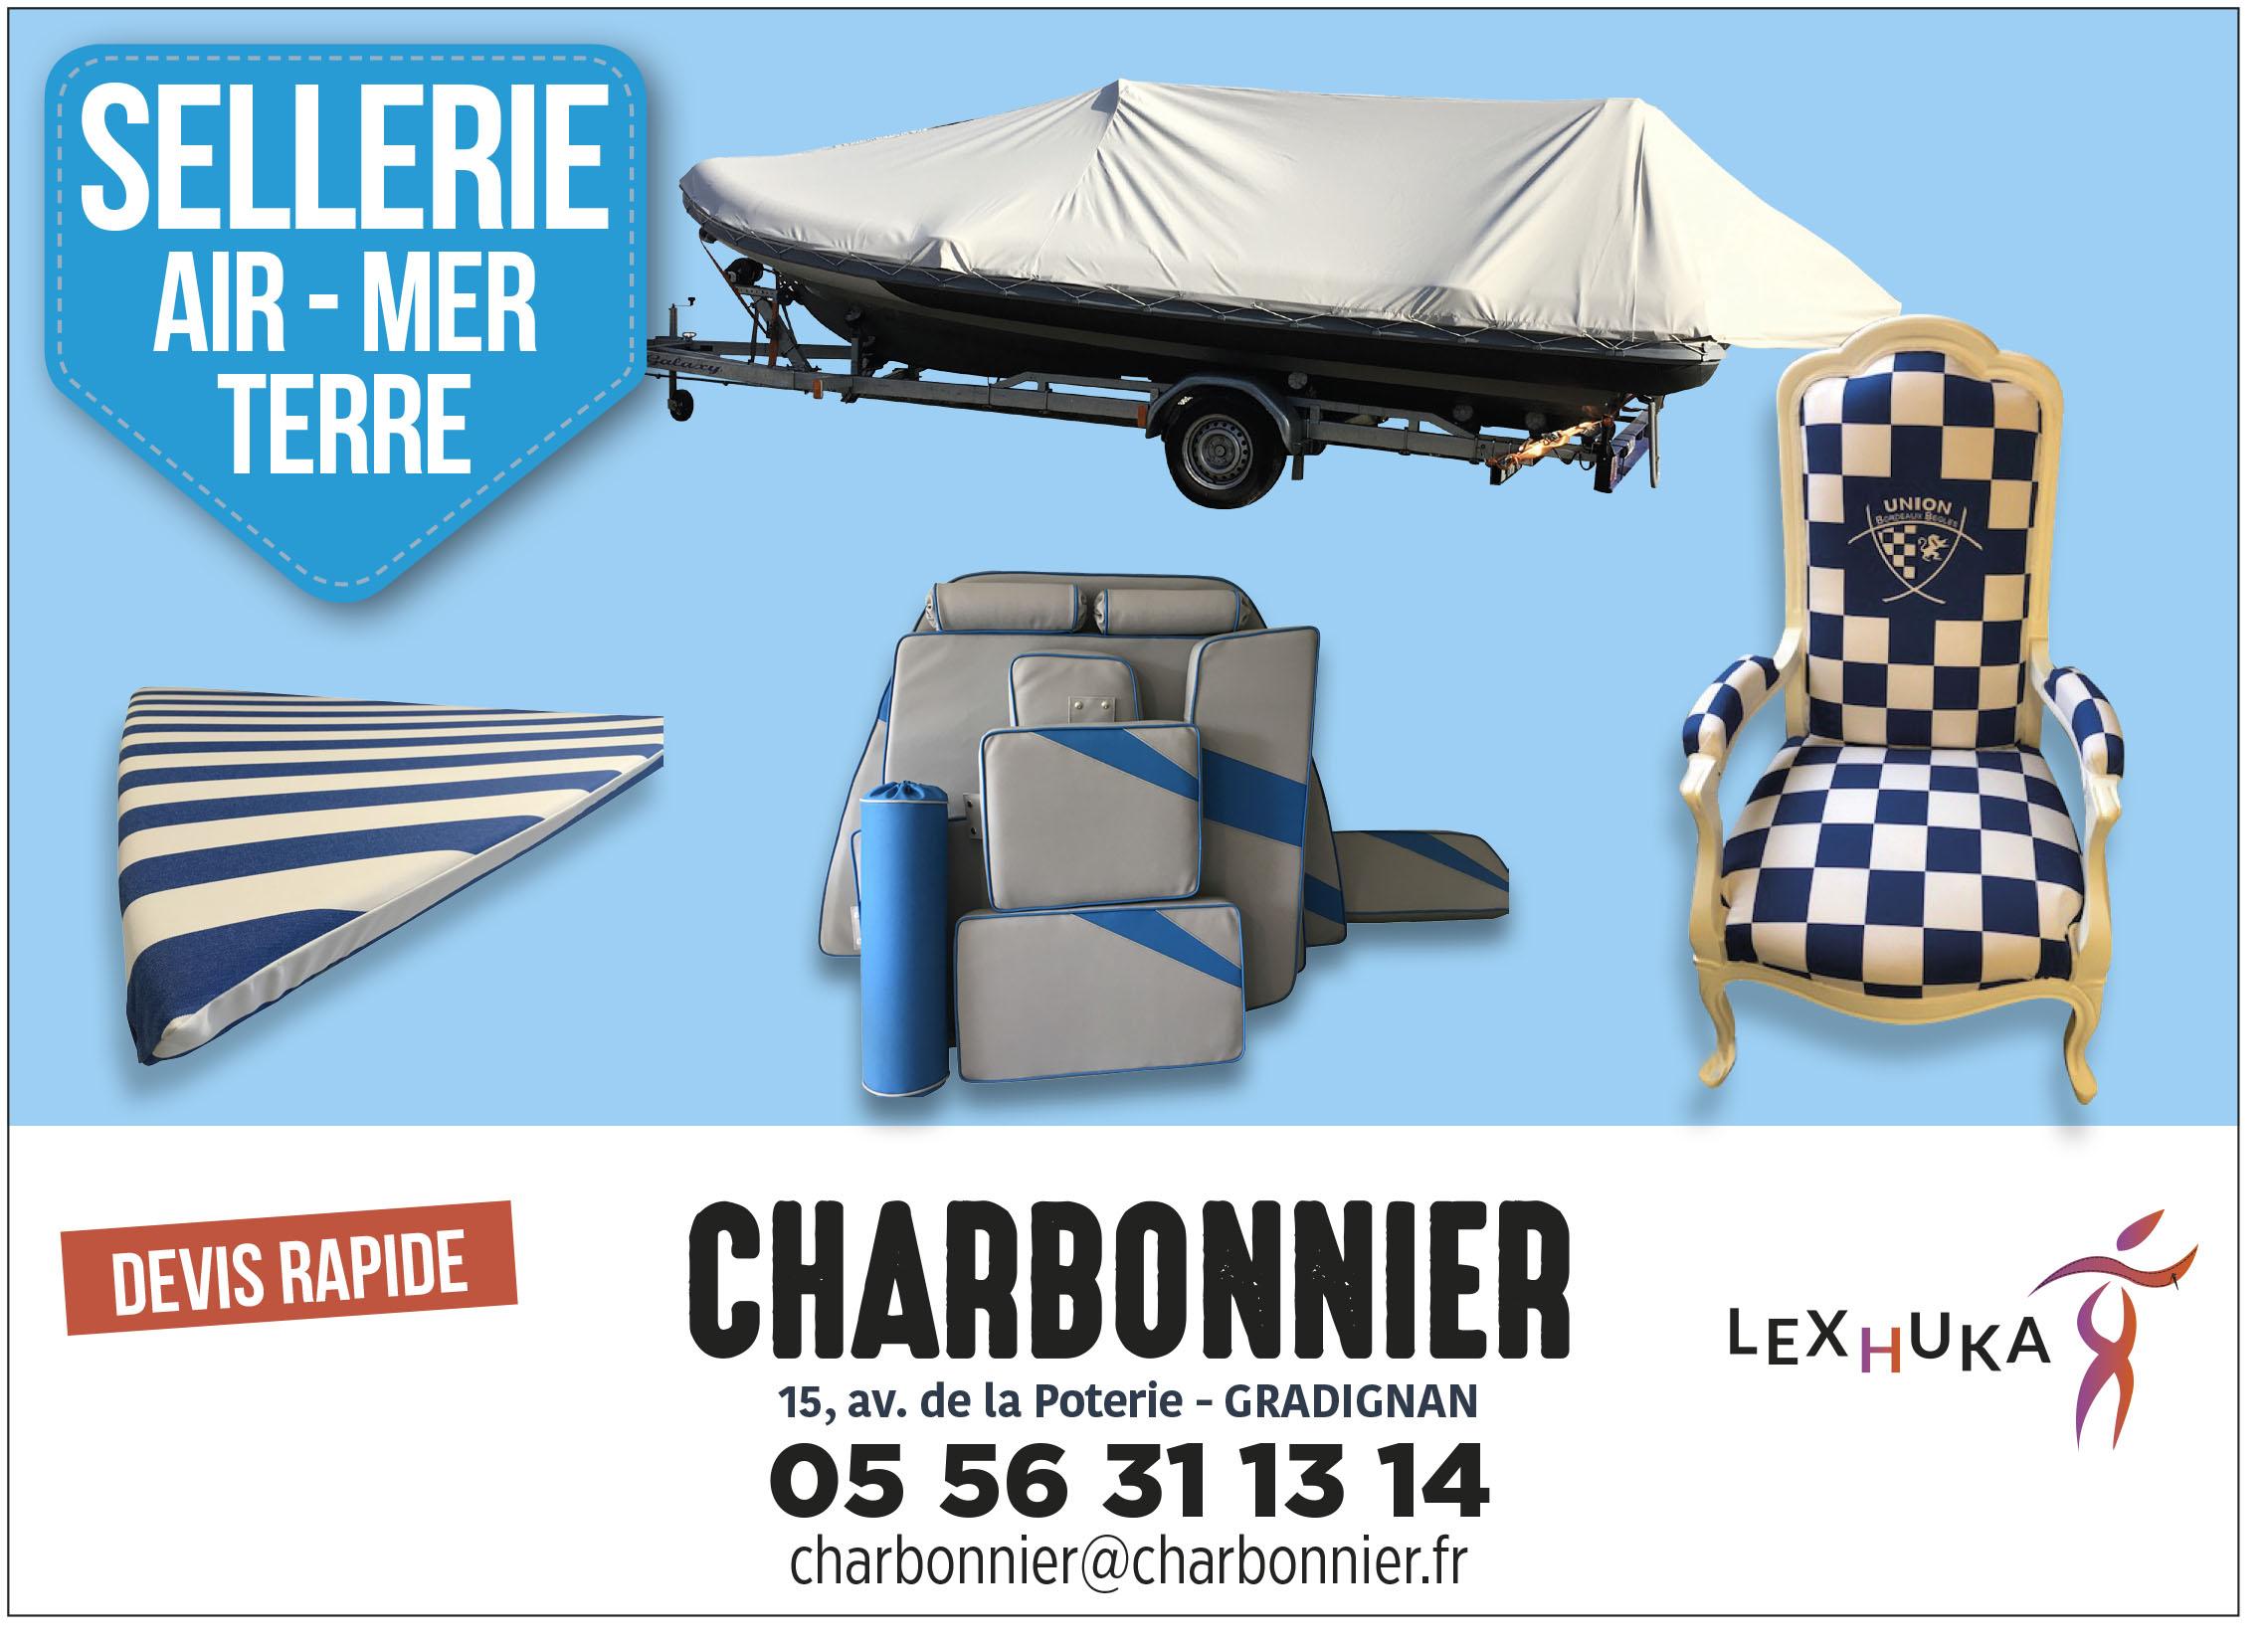 Charbonnier